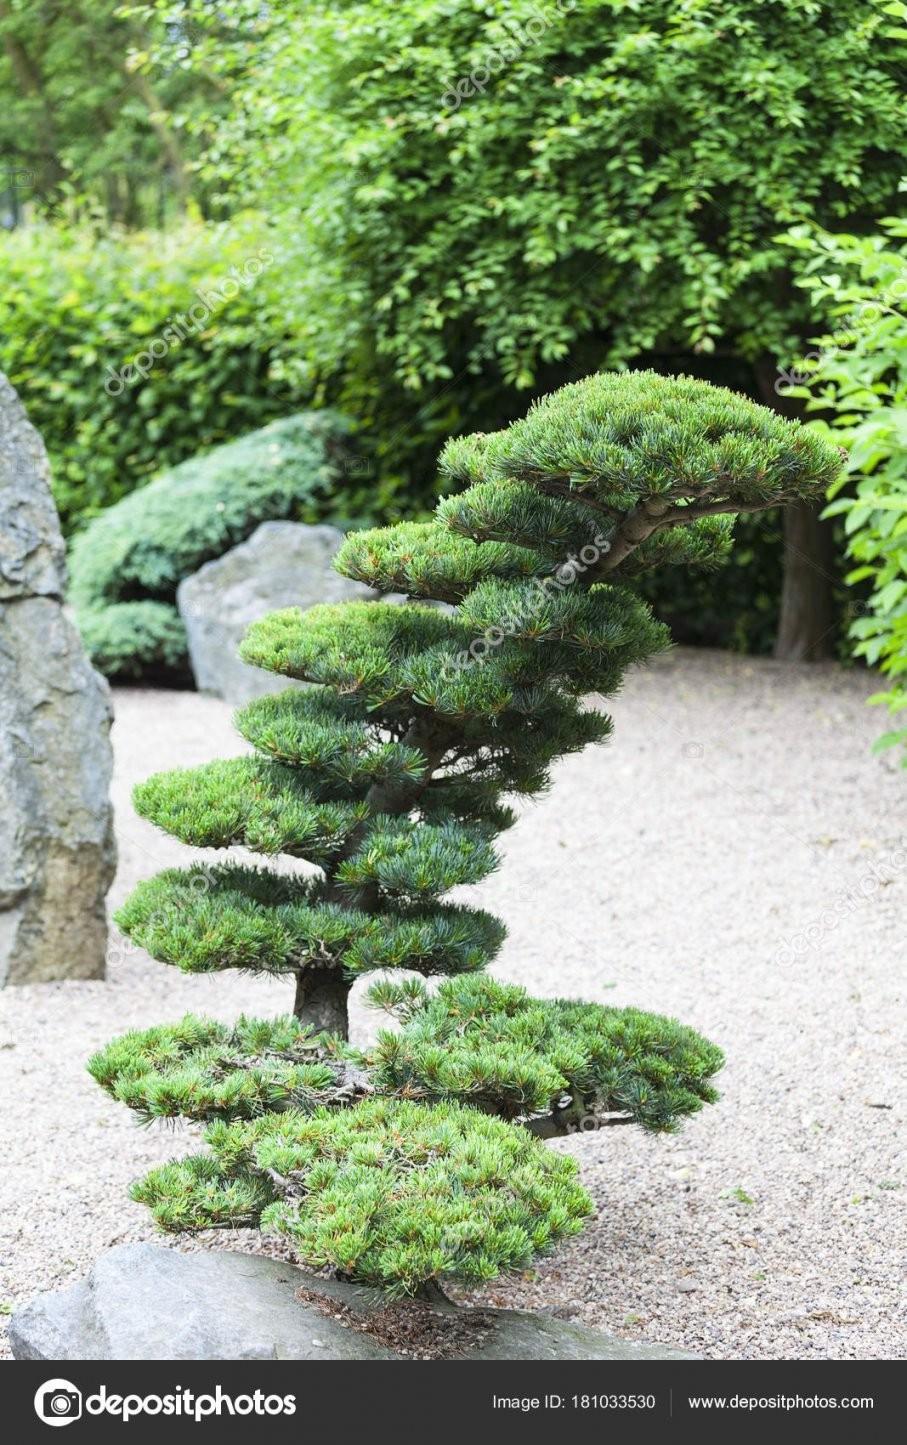 Japanischer Garten Im Sommer Exotische Pflanzen Wroclaw Polen von Pflanzen Im Japanischen Garten Bild